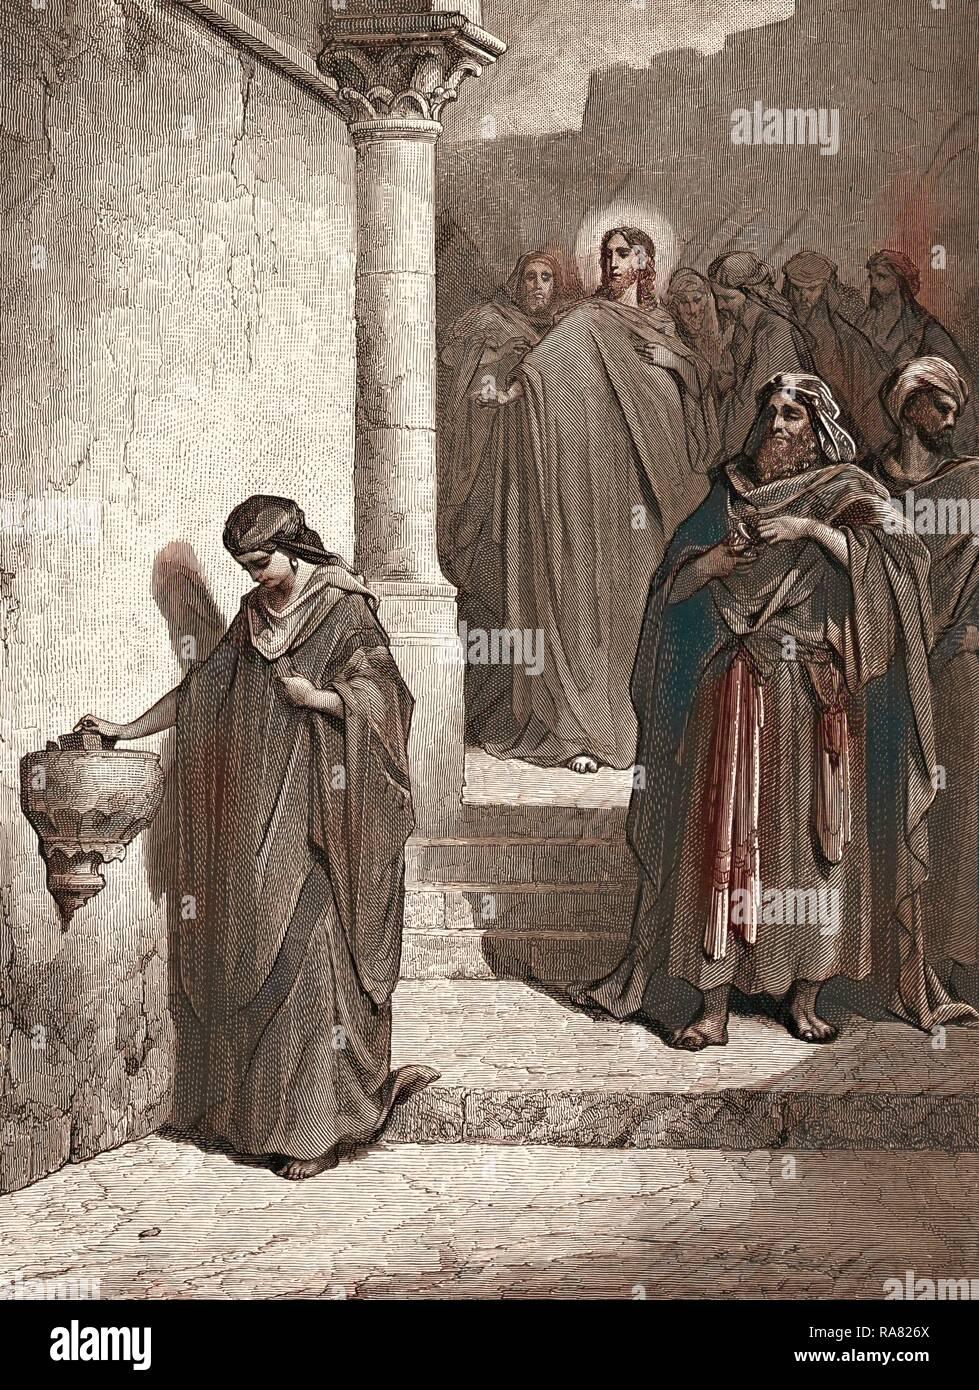 Junge Witwen datieren